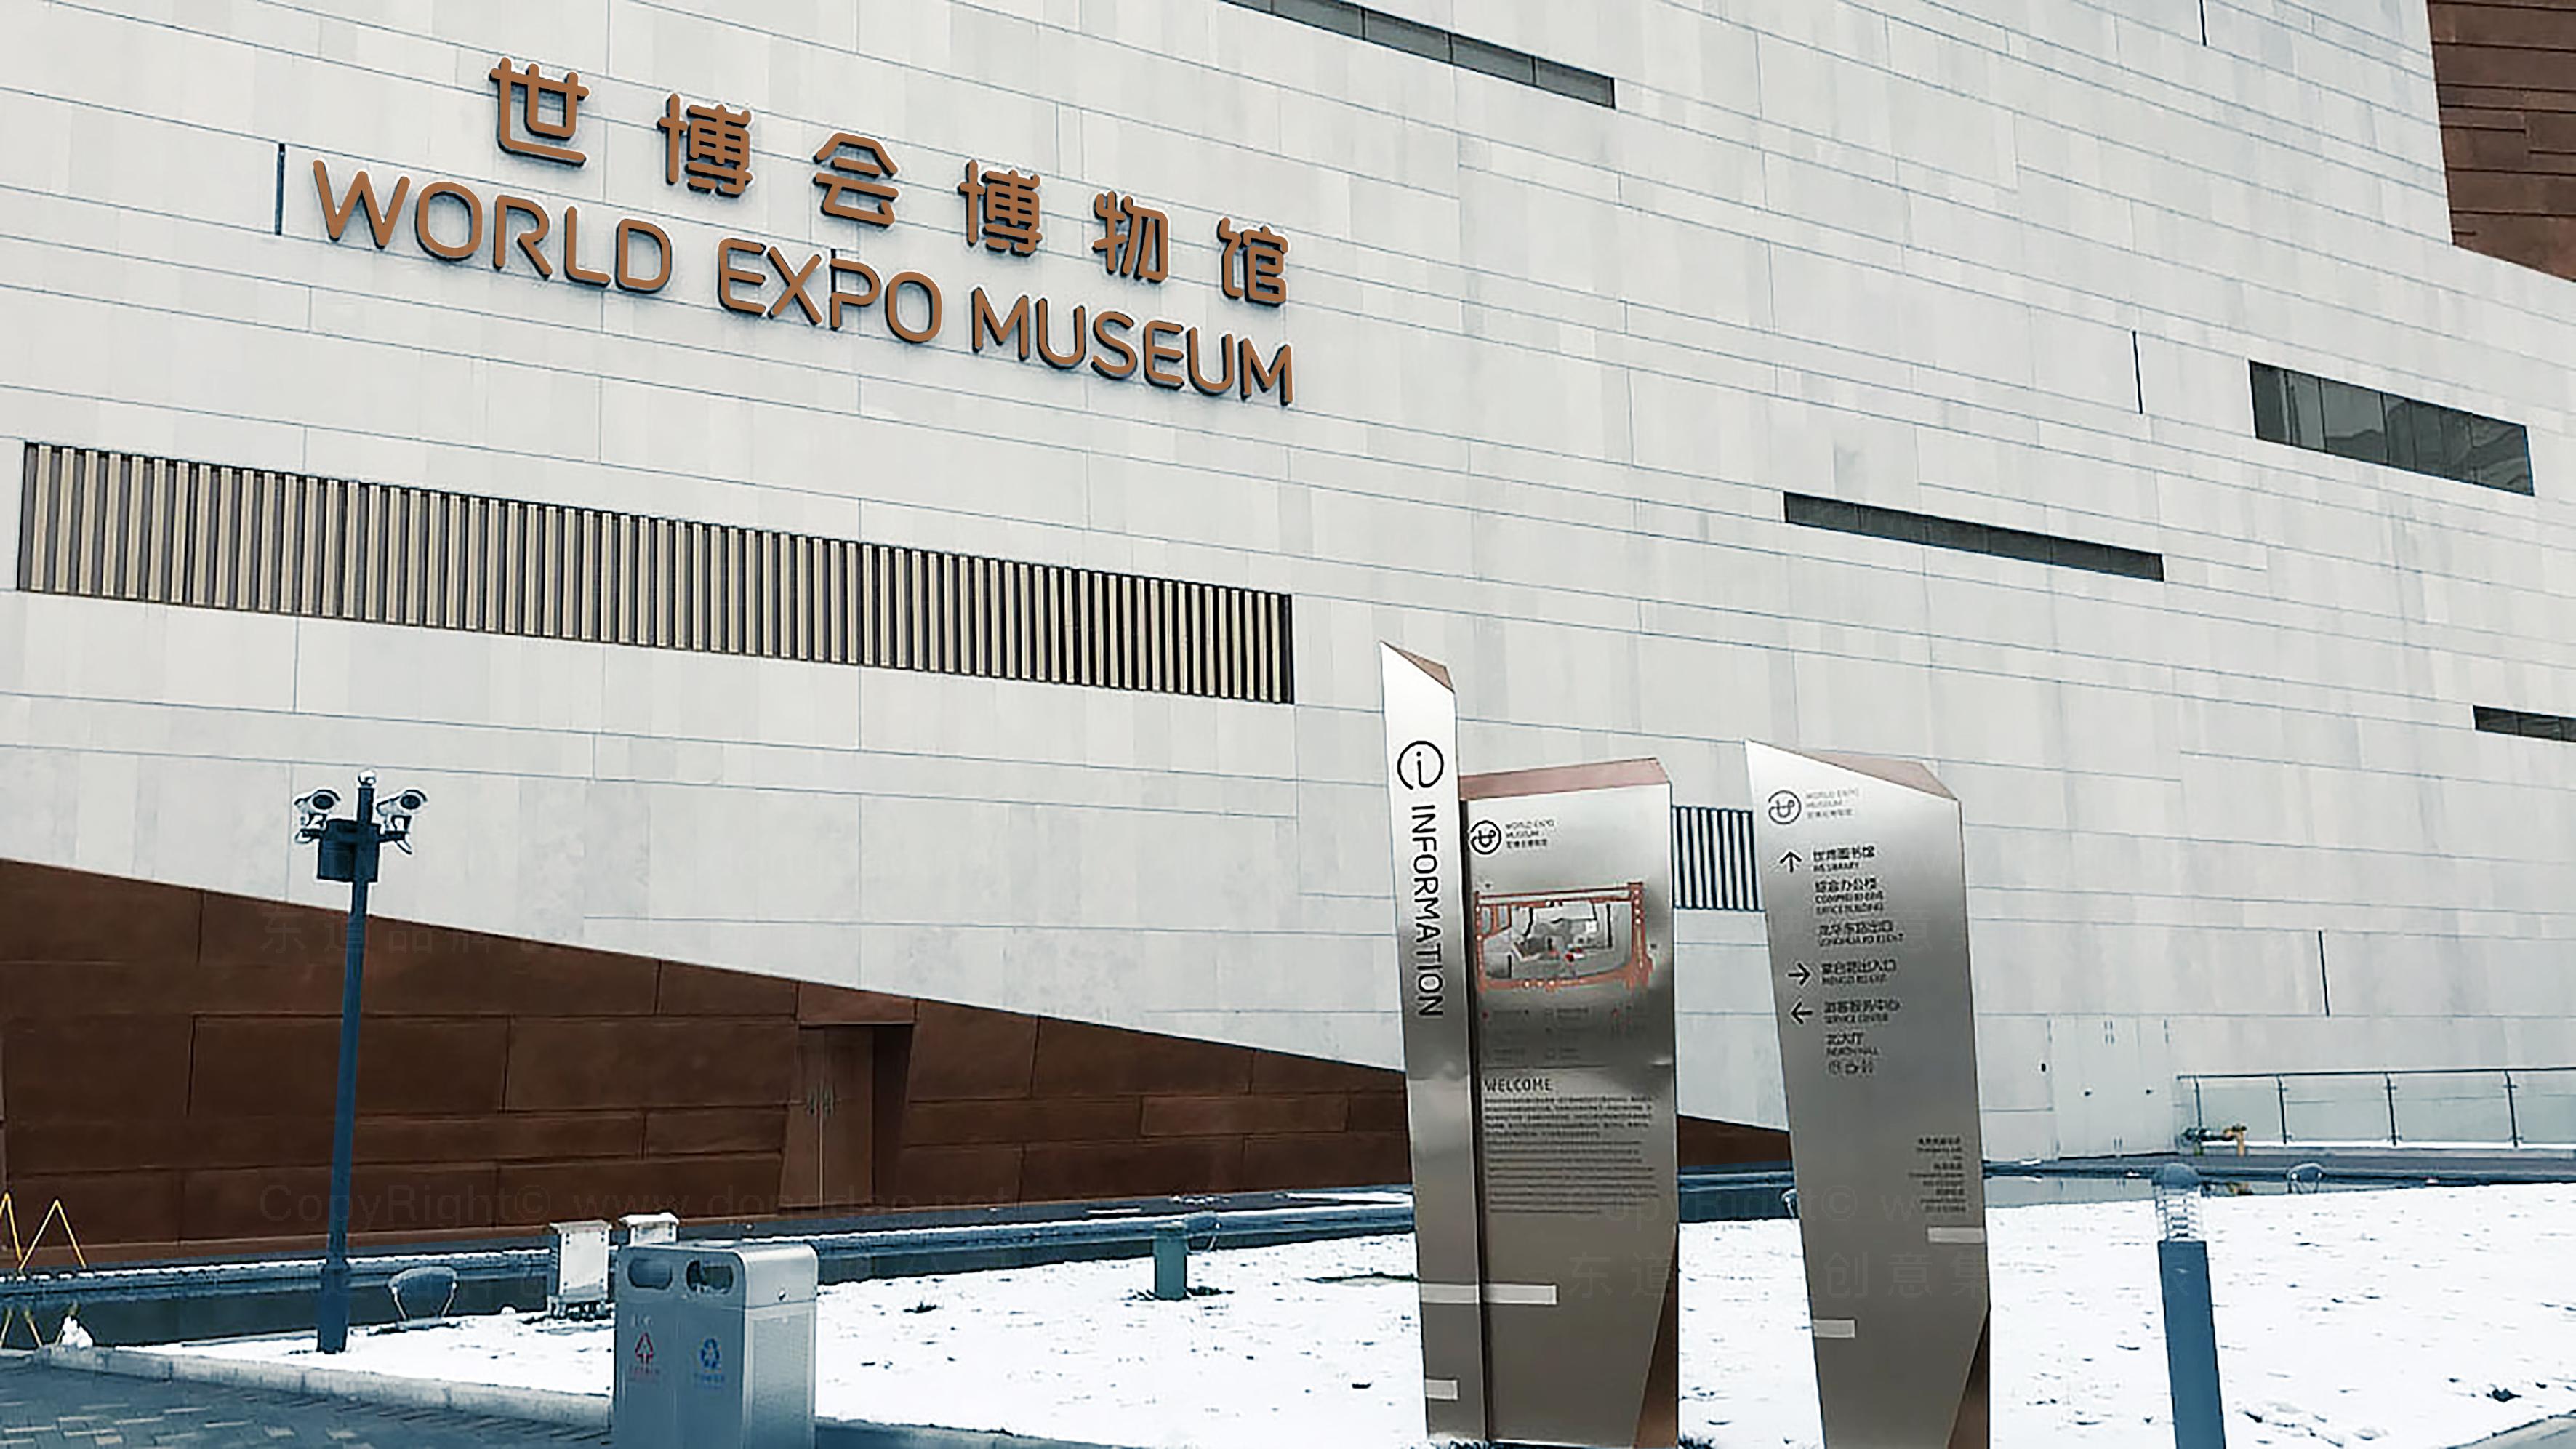 上海世博会标识工程设计应用